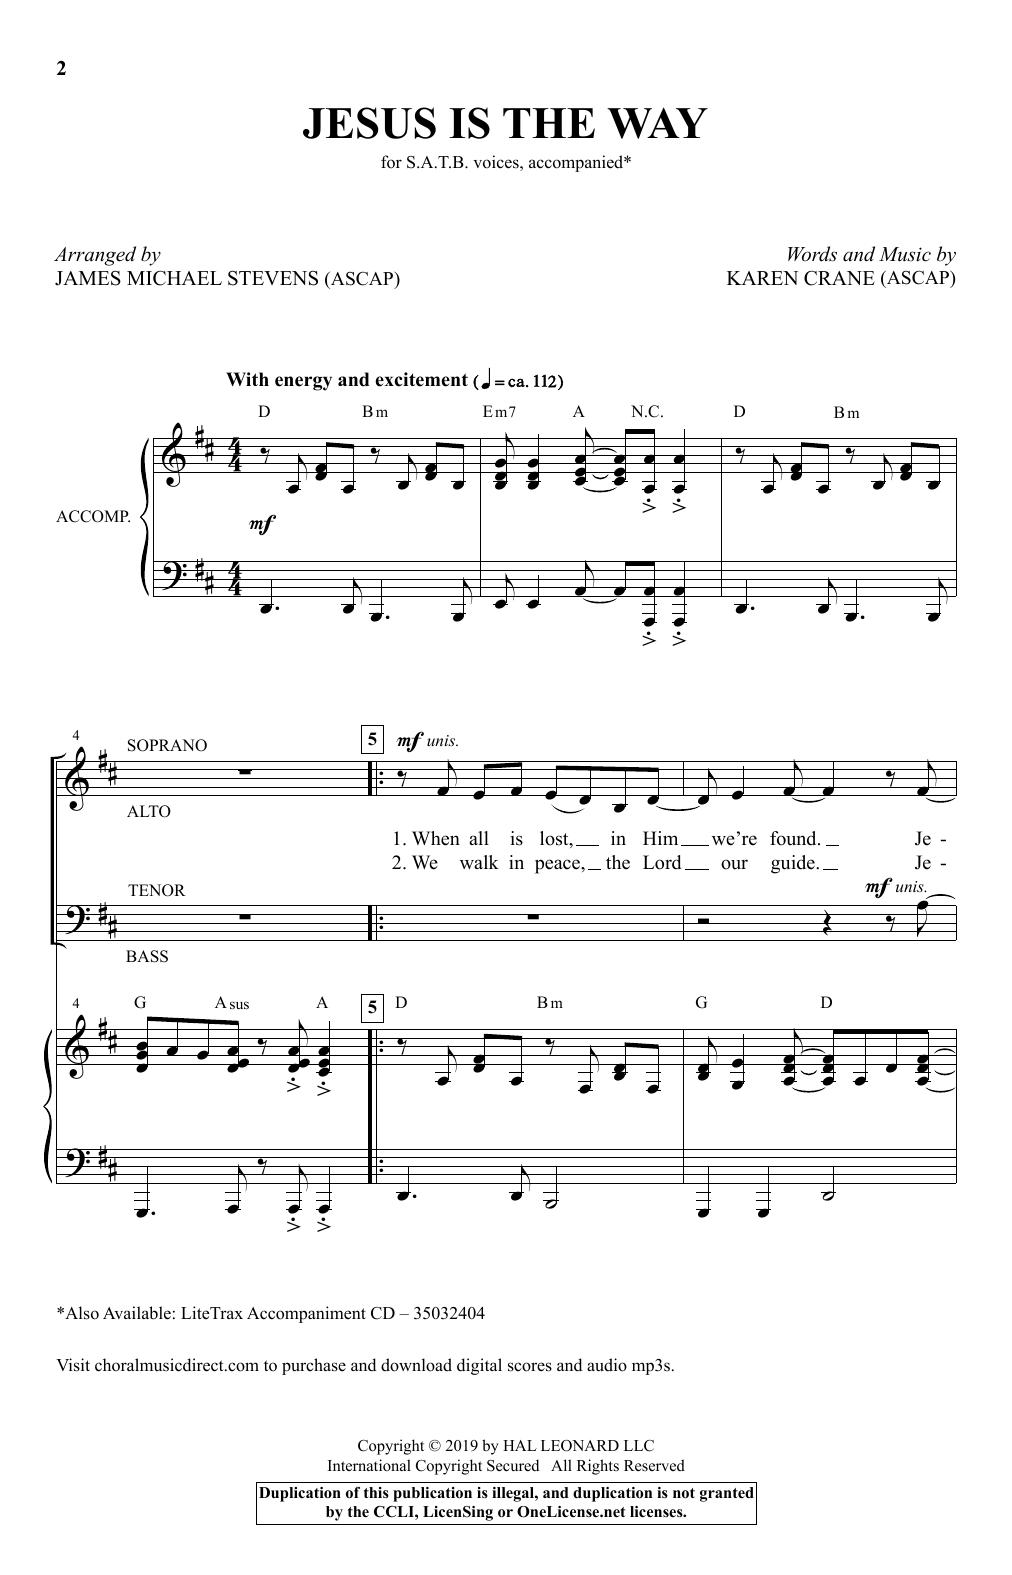 Jesus Is The Way (arr. James Michael Stevens) (SATB Choir)